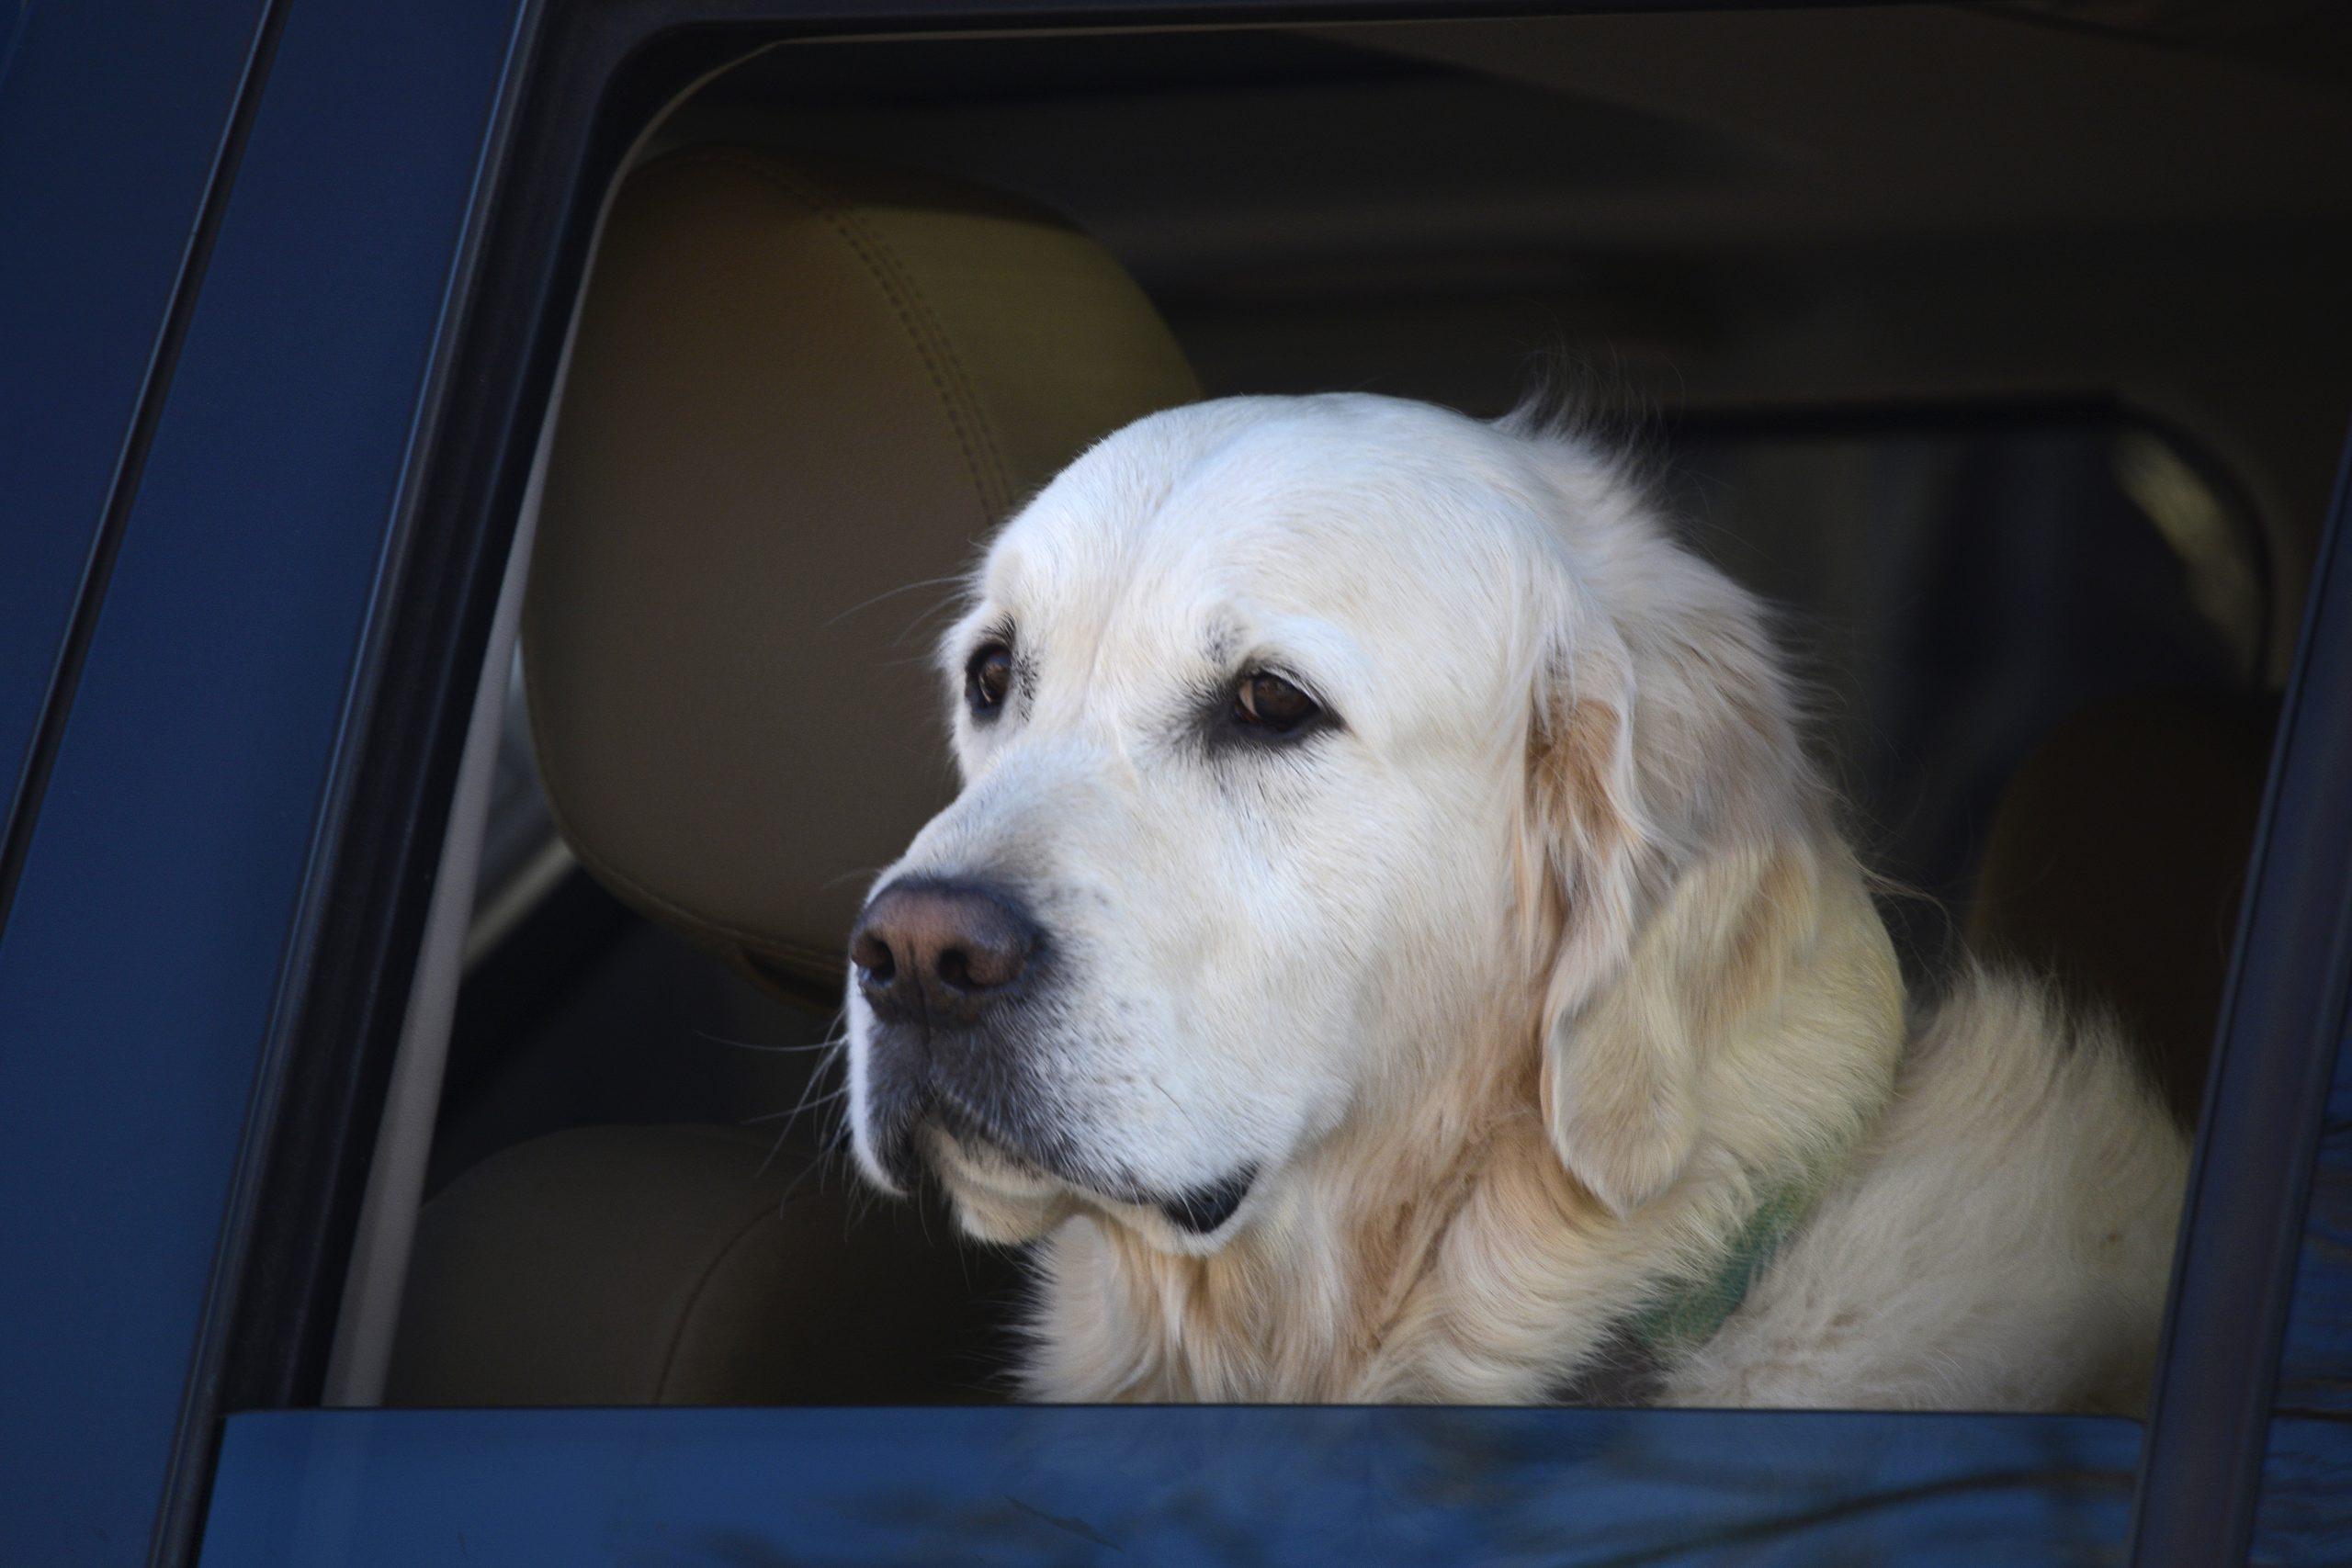 Esperen un momento... ¿la edad de los perros no equivale a siete años humanos?